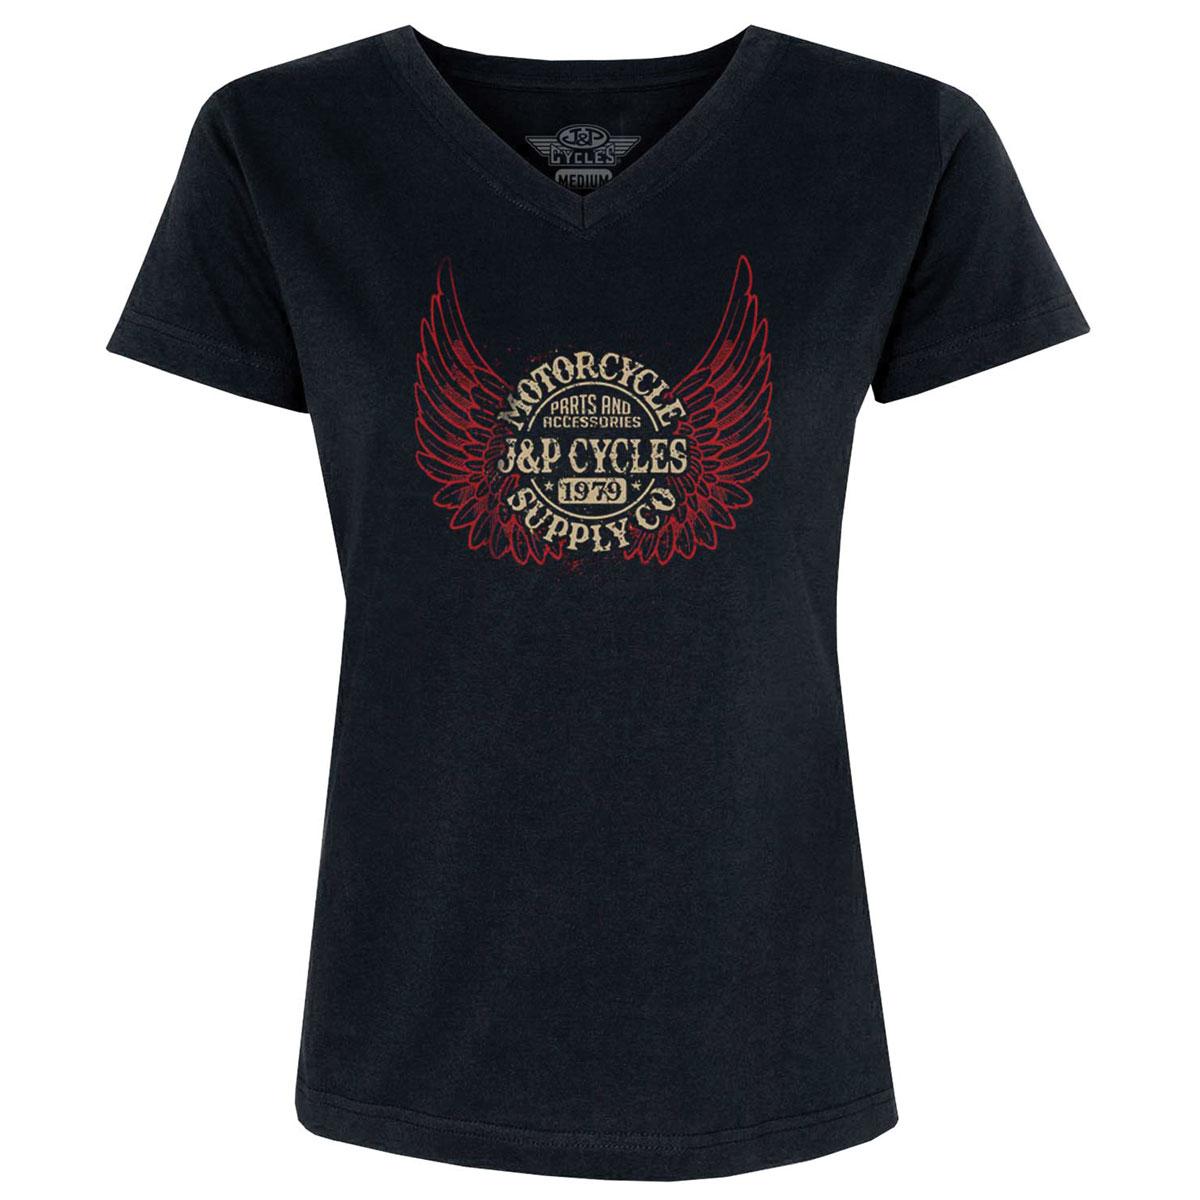 J&P Cycles Women's Heavenly Black T-Shirt